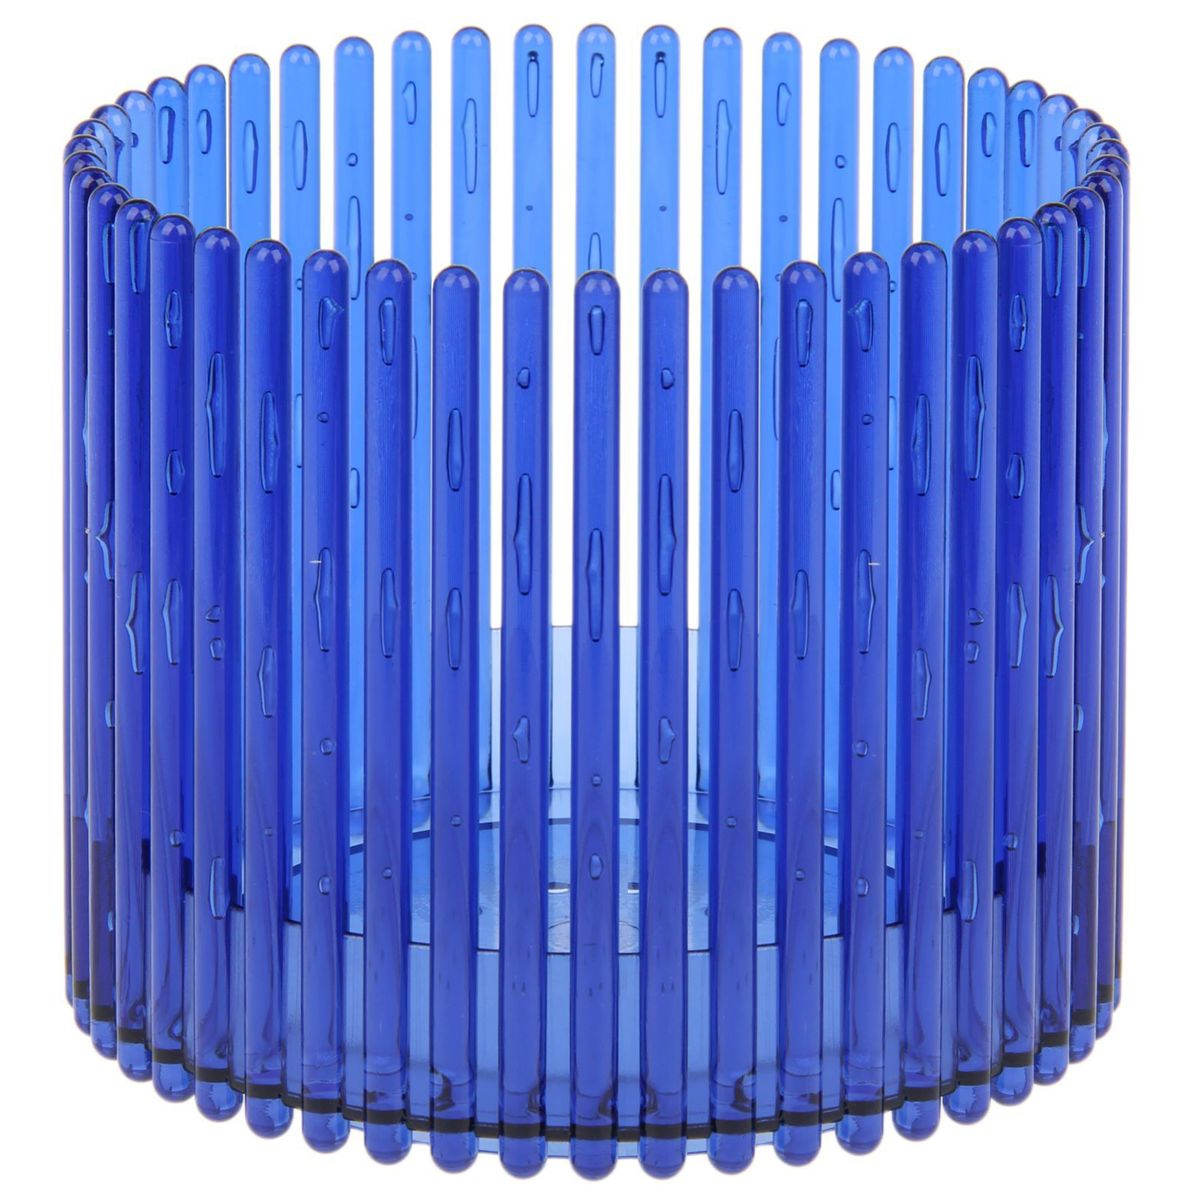 Кашпо JetPlast Шарм, цвет: синий, 14 x 12 см4612754052004Кашпо Шарм изготовлено из поликарбоната. Изделие имеет уникальную конструкцию: бортик в нижней части кашпо дает возможность создания у корней орхидеи благоприятную влажность, а сквозная конструкция стенок кашпо дает возможность беспрепятственному проникновению света на корни растения и их вентиляцию. Стильный яркий дизайн сделает такое кашпо отличным дополнением интерьера.